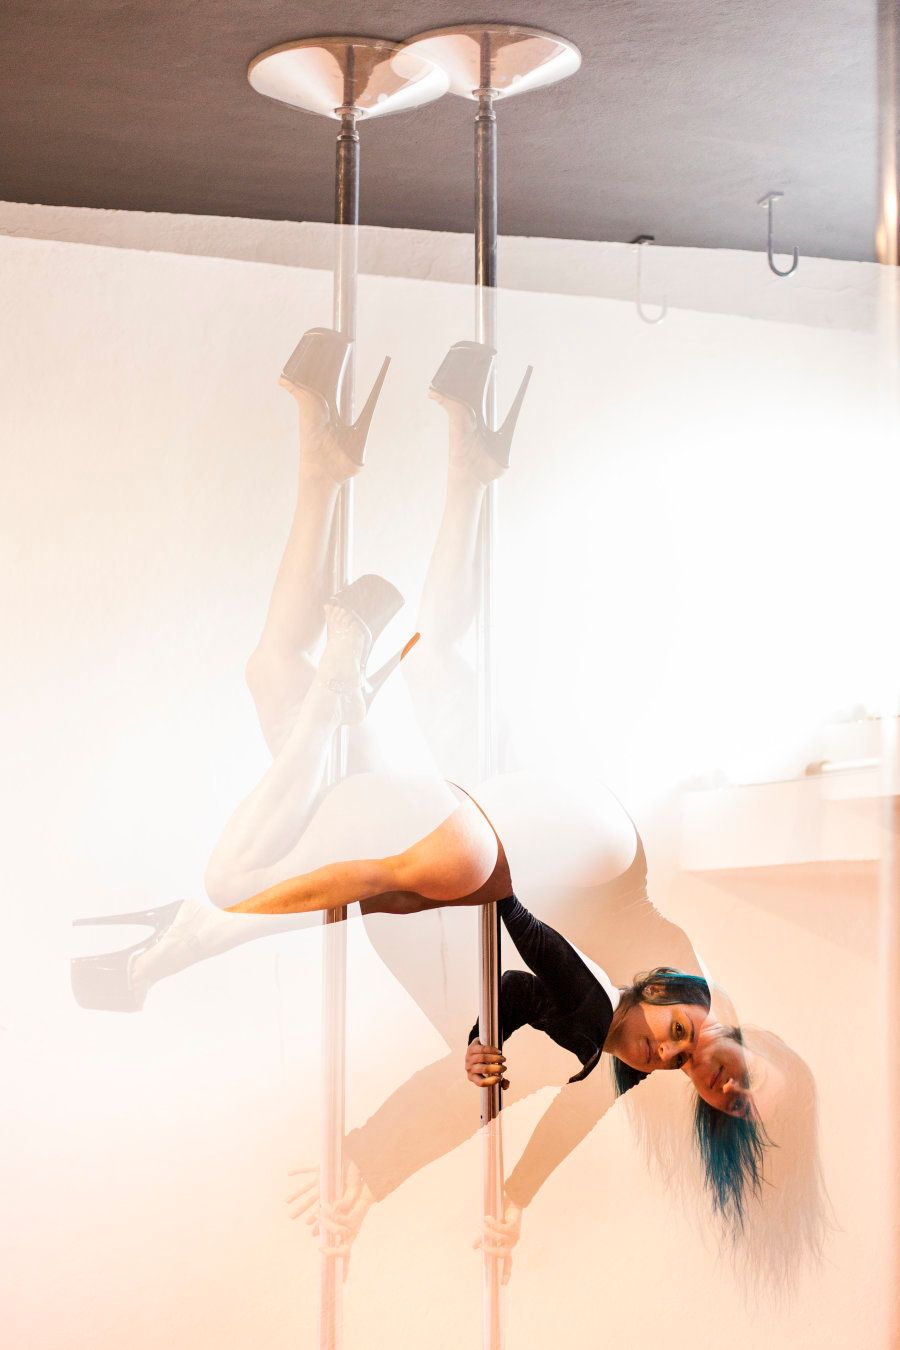 Depois de tanto praticar, Bianca se tornou professora -- e uma verdadeira apaixonada pelo poder do pole